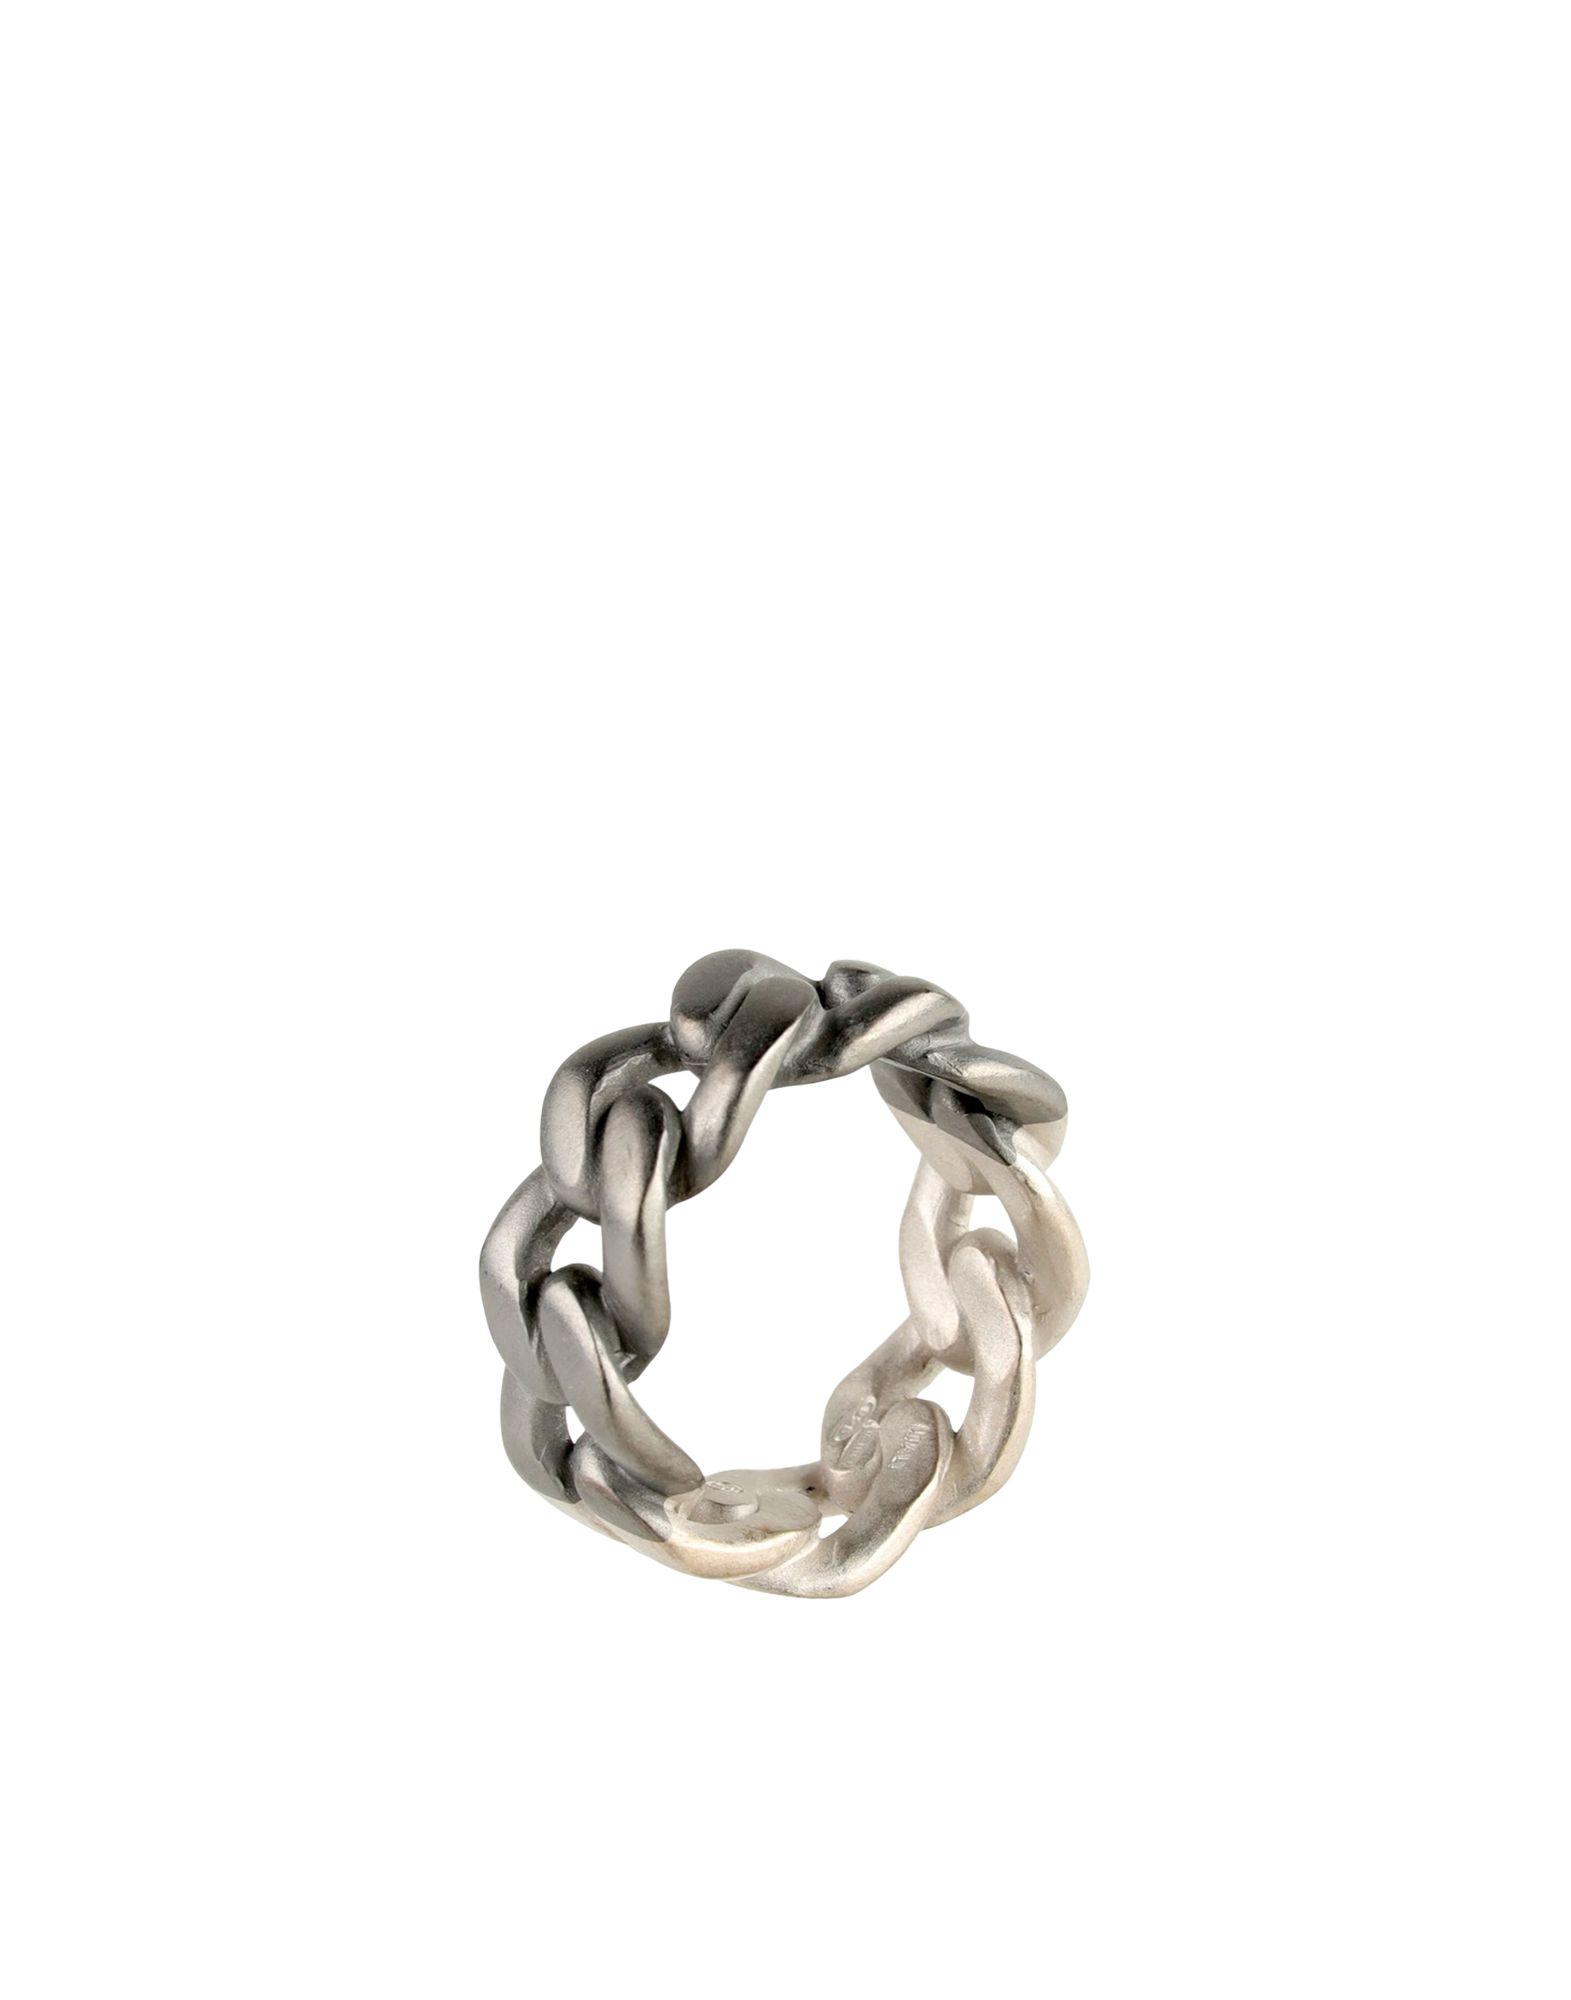 《セール開催中》MAISON MARGIELA メンズ 指輪 鉛色 M シルバー925/1000 100%